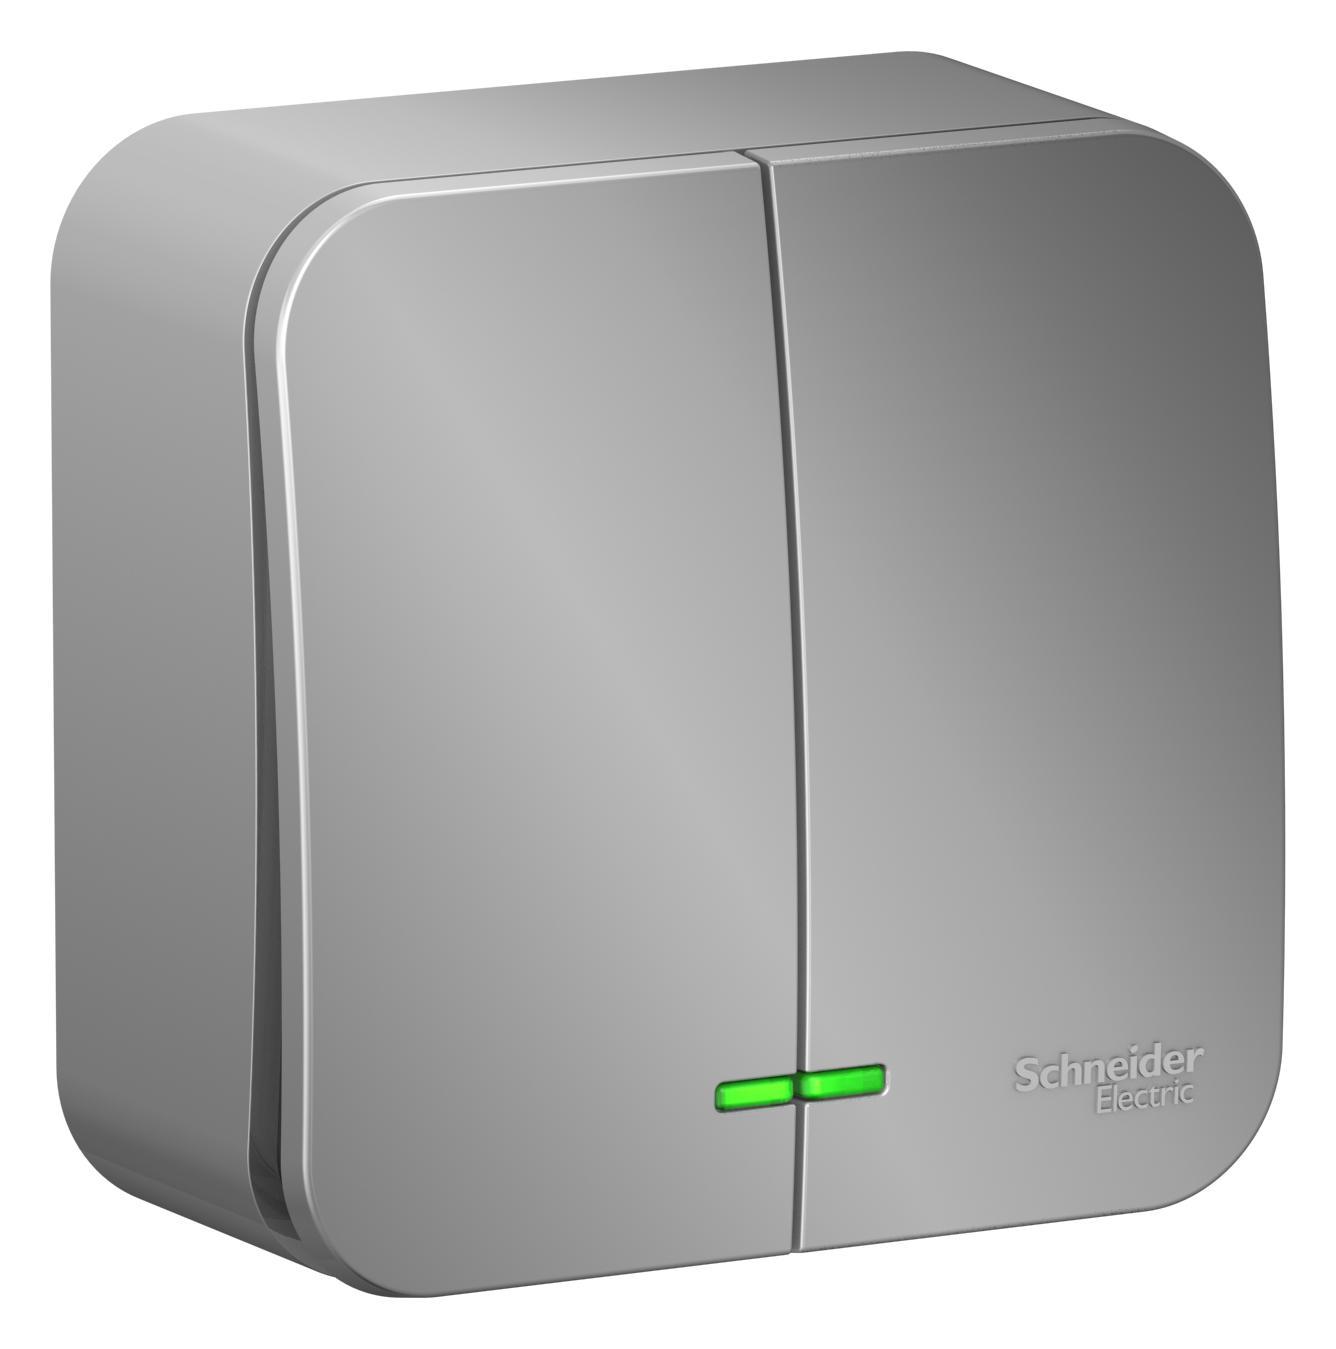 Schneider Electric Выключатель Schneider electric Blnva105113 blanca (1210543)